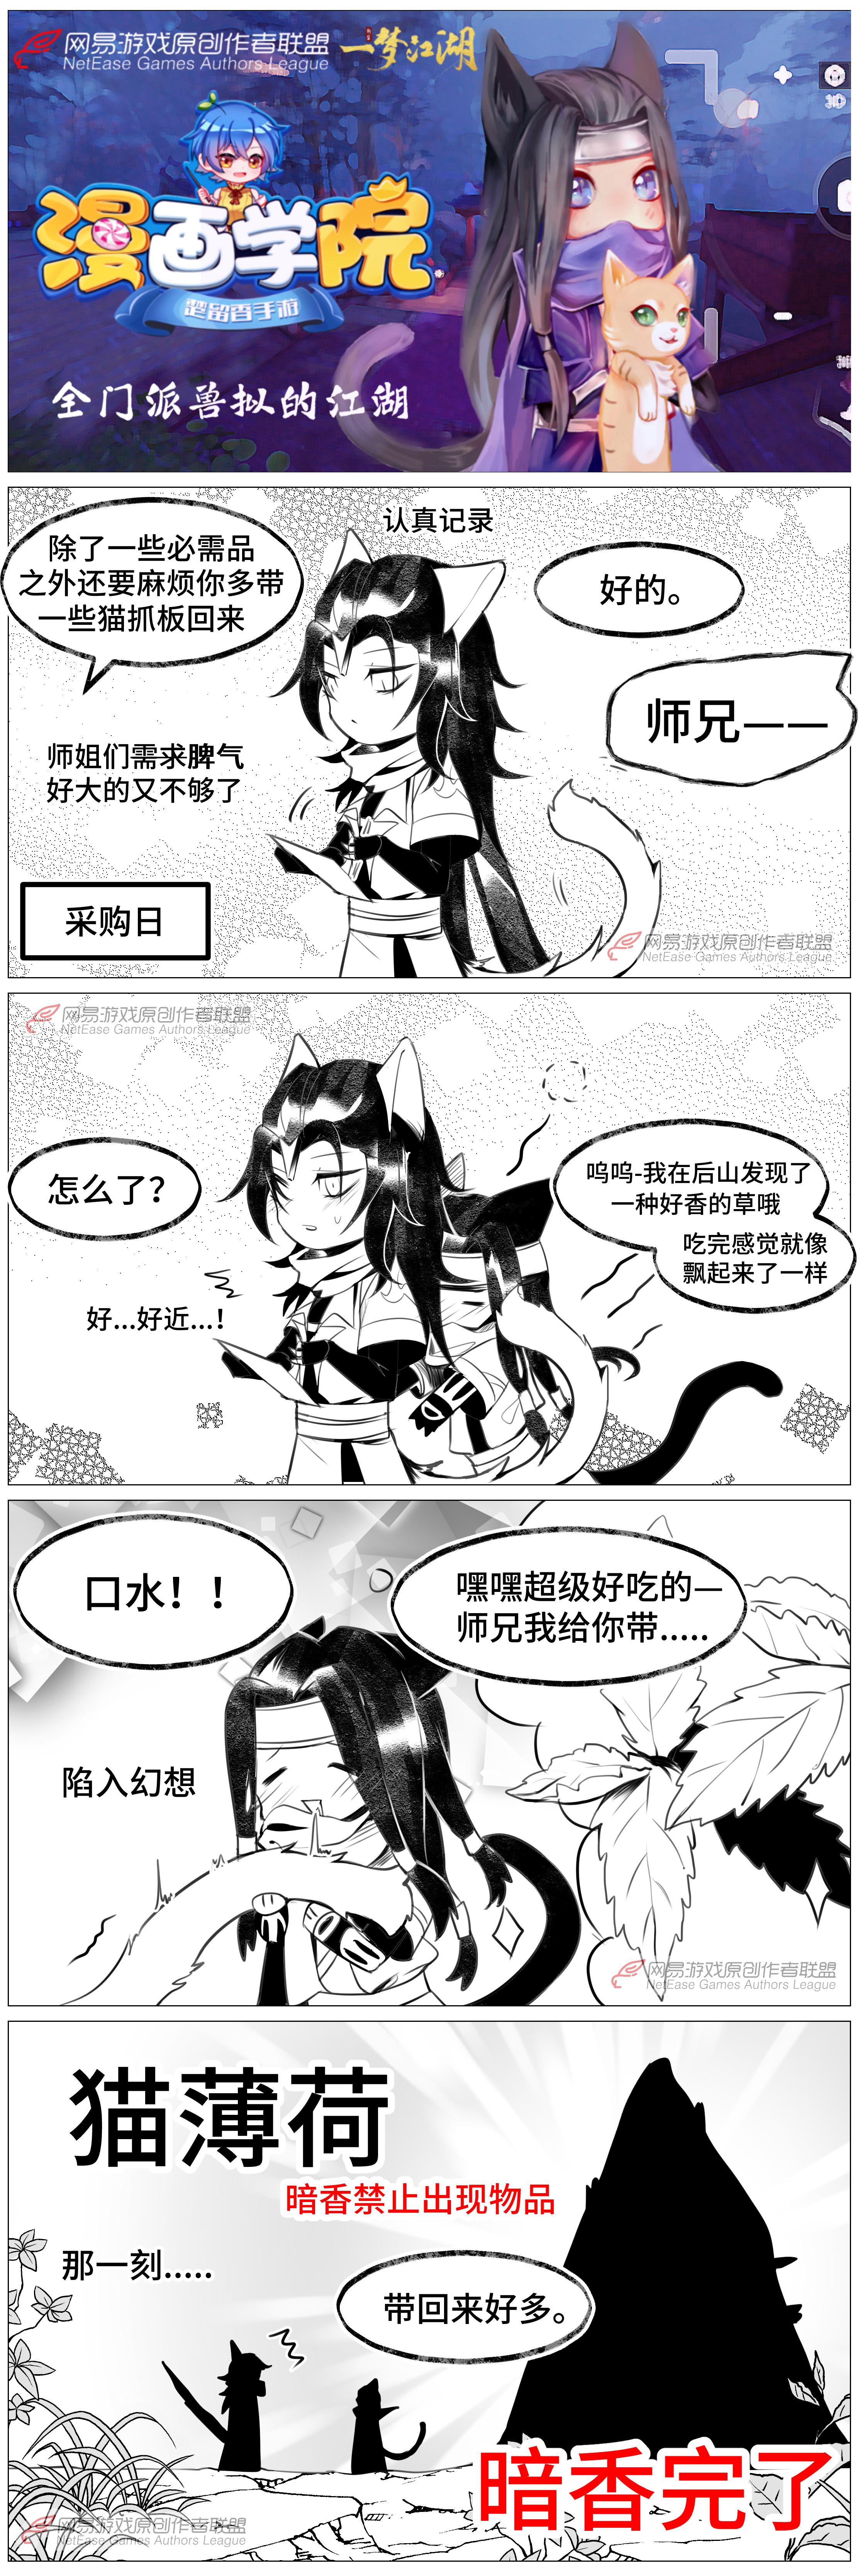 【原创作者联盟】【漫画学院】暗香的大忌是...!